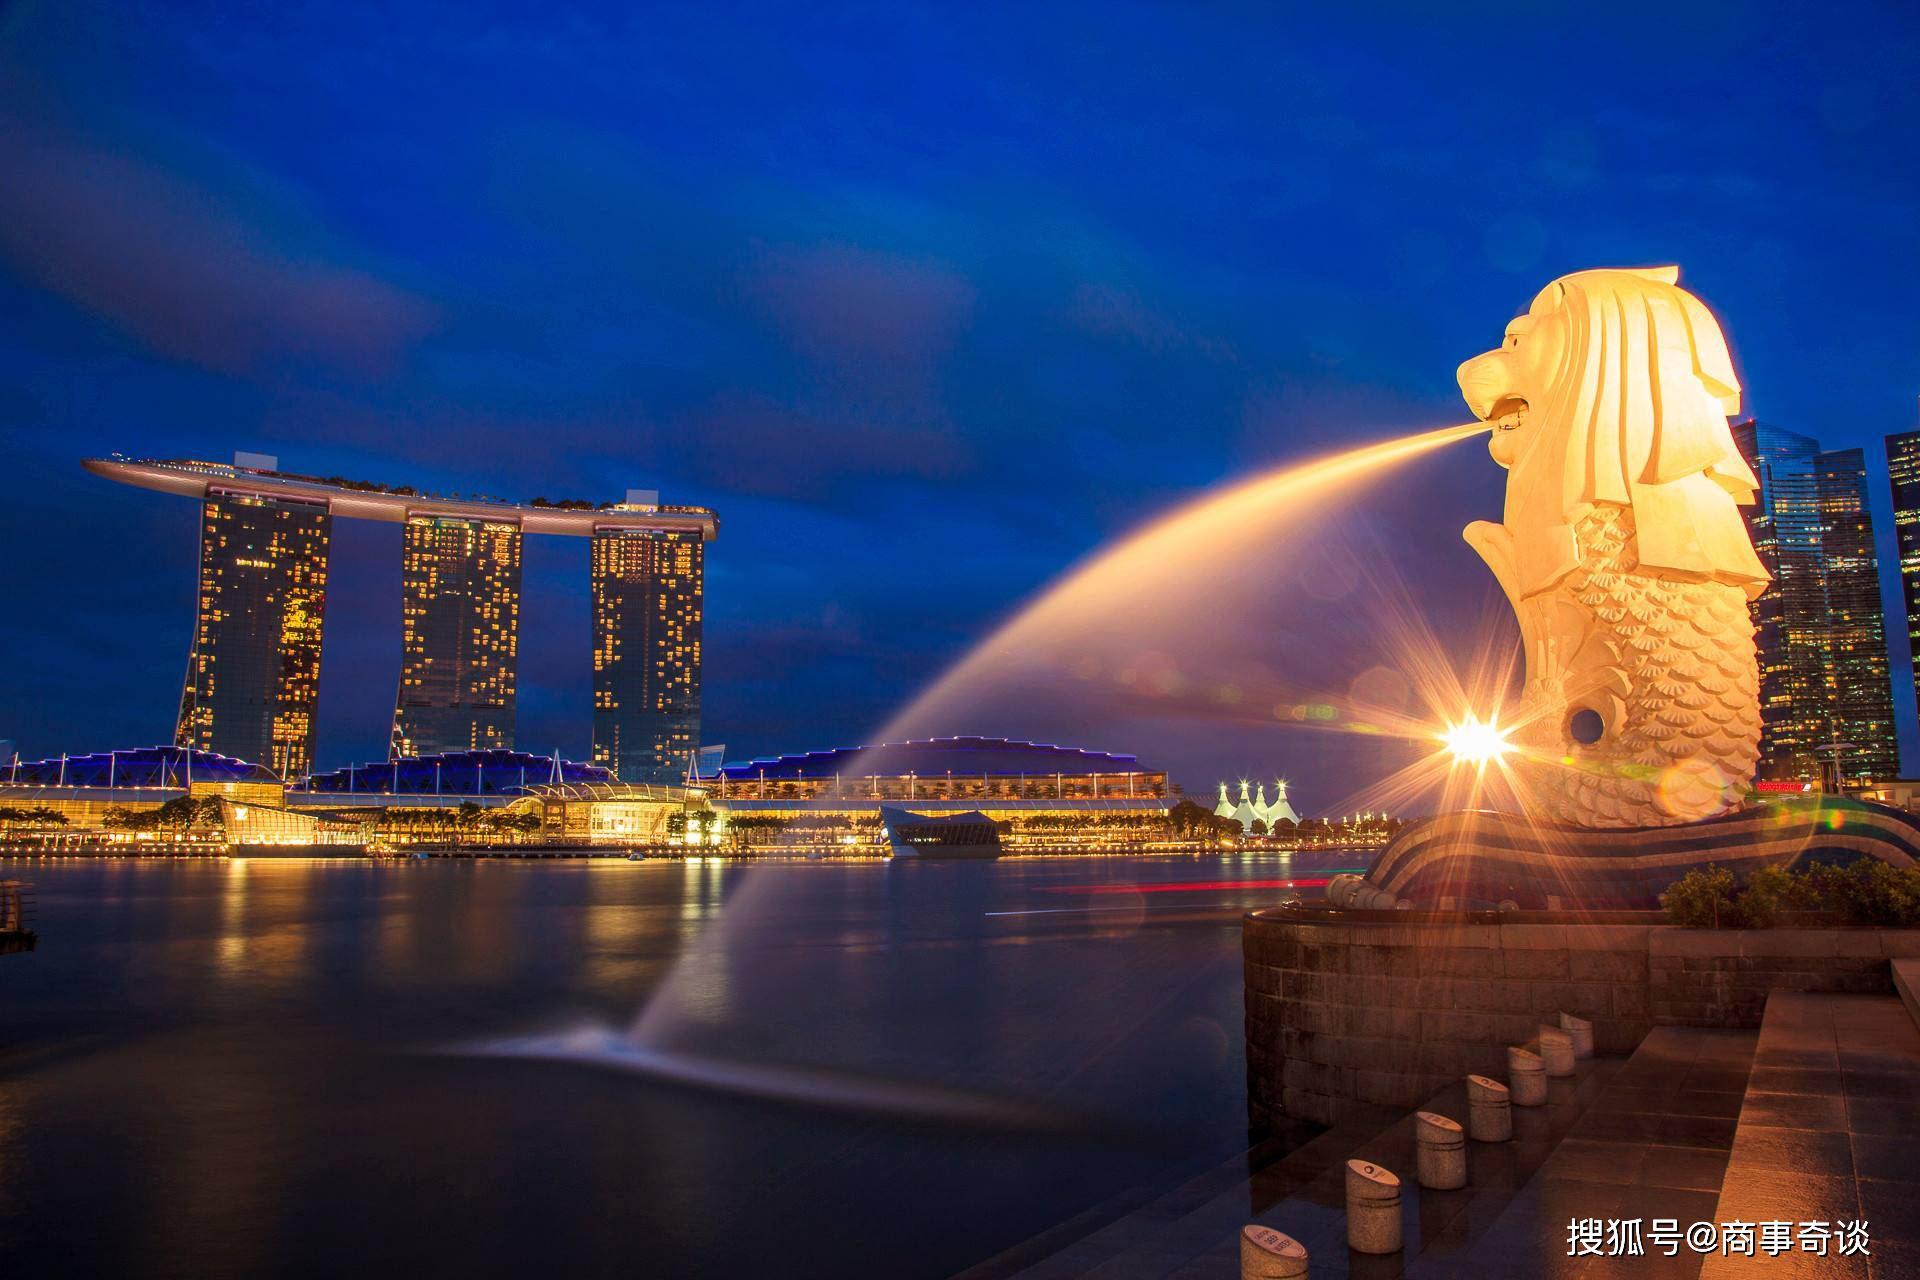 新加坡人均gdp_一季度,新加坡GDP再度超过马来西亚,这说明了什么呢?